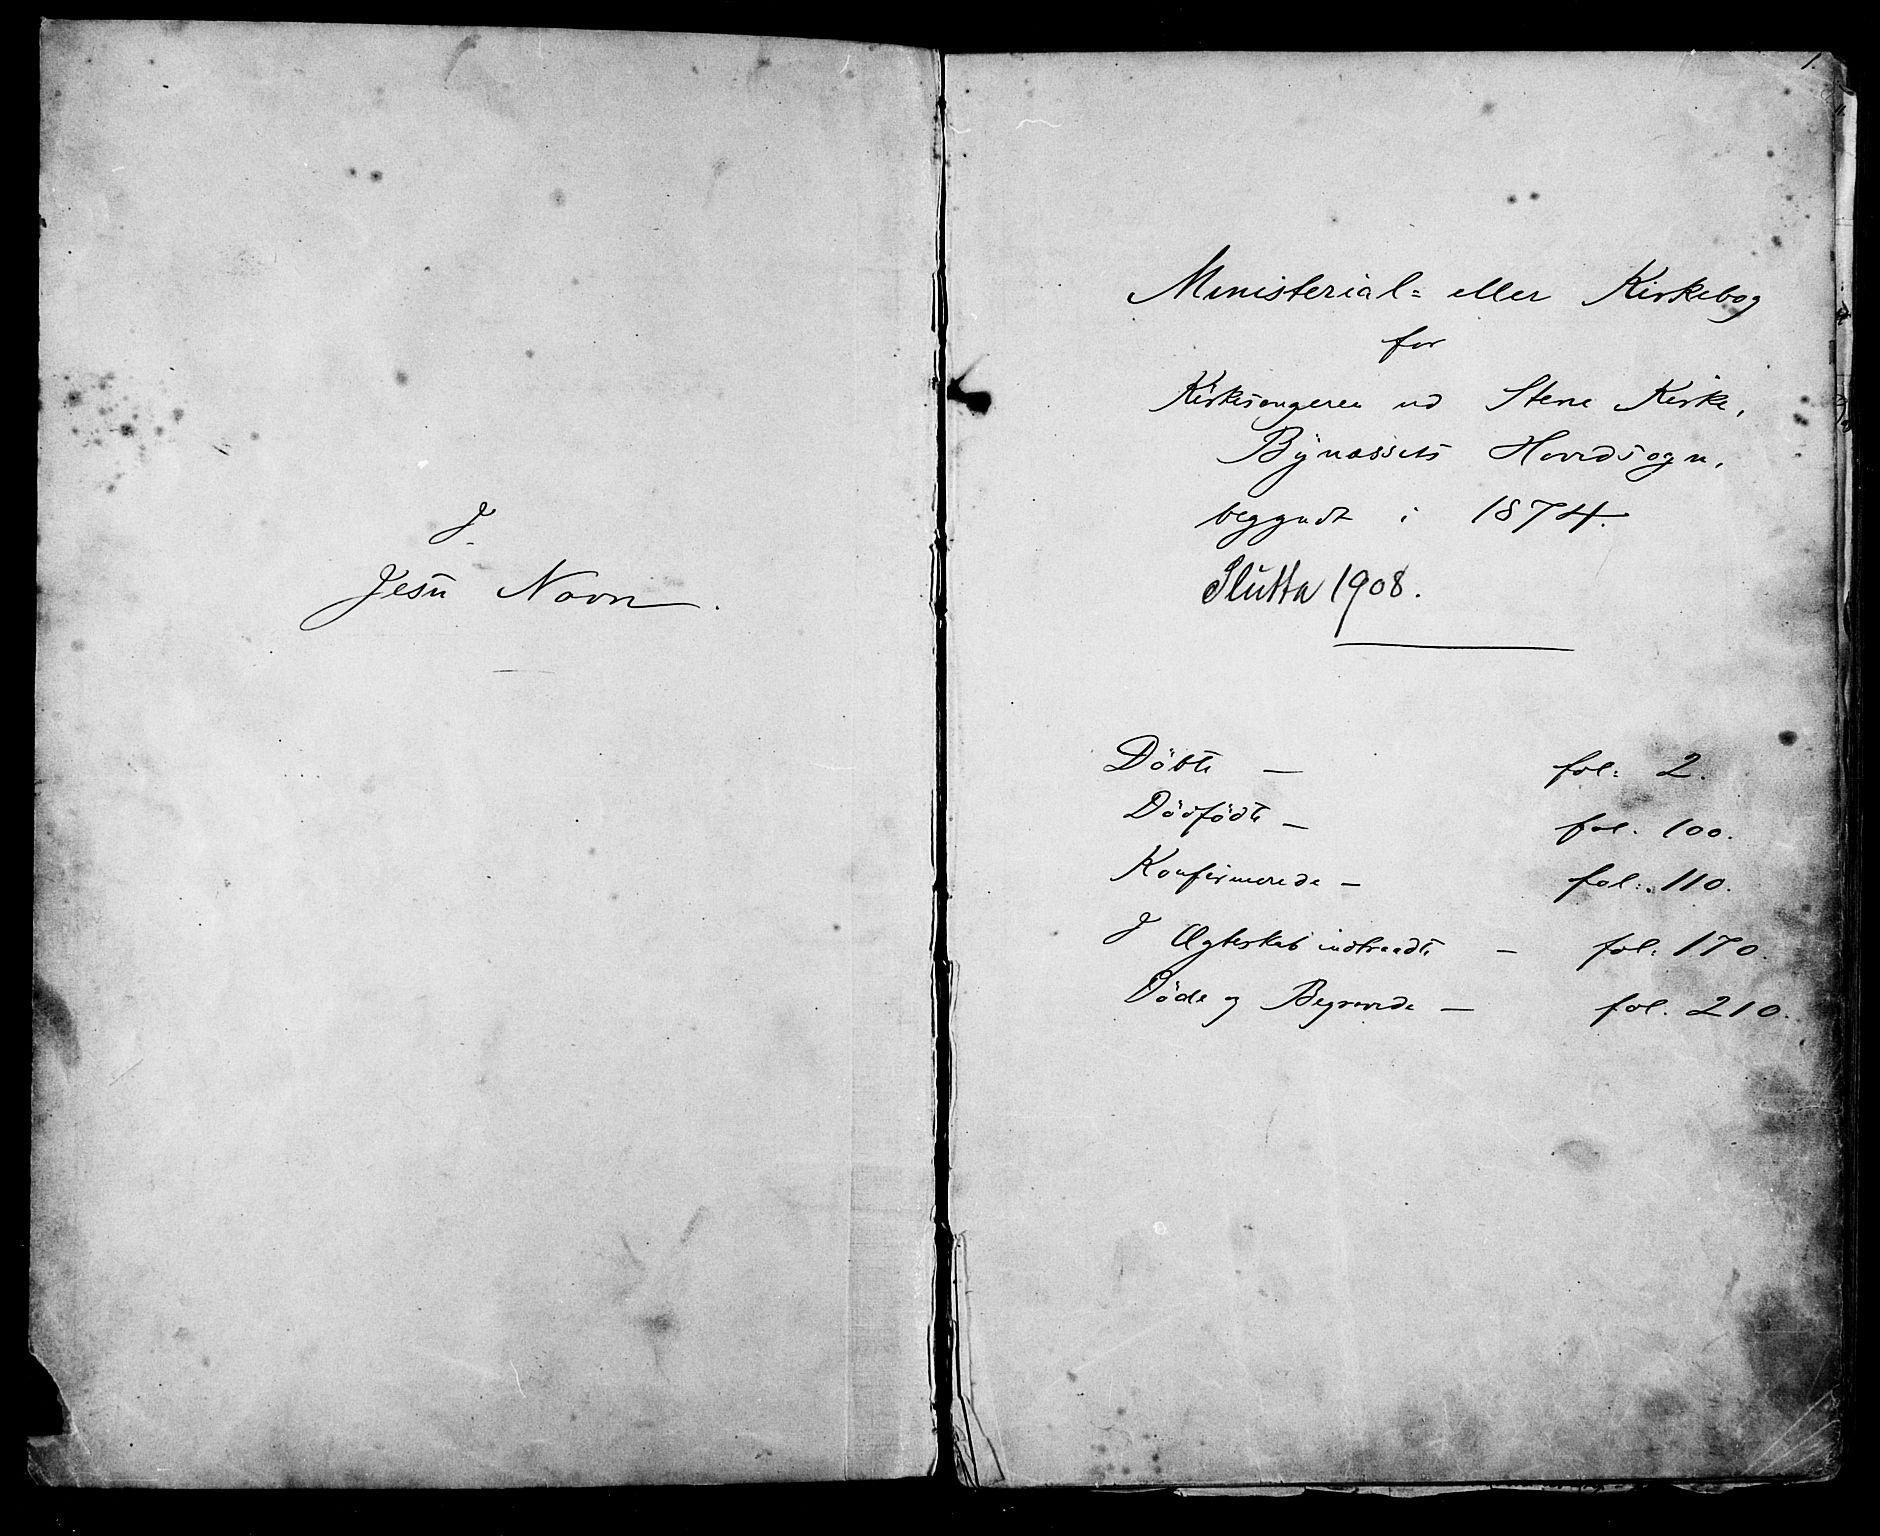 SAT, Ministerialprotokoller, klokkerbøker og fødselsregistre - Sør-Trøndelag, 612/L0387: Klokkerbok nr. 612C03, 1874-1908, s. 1